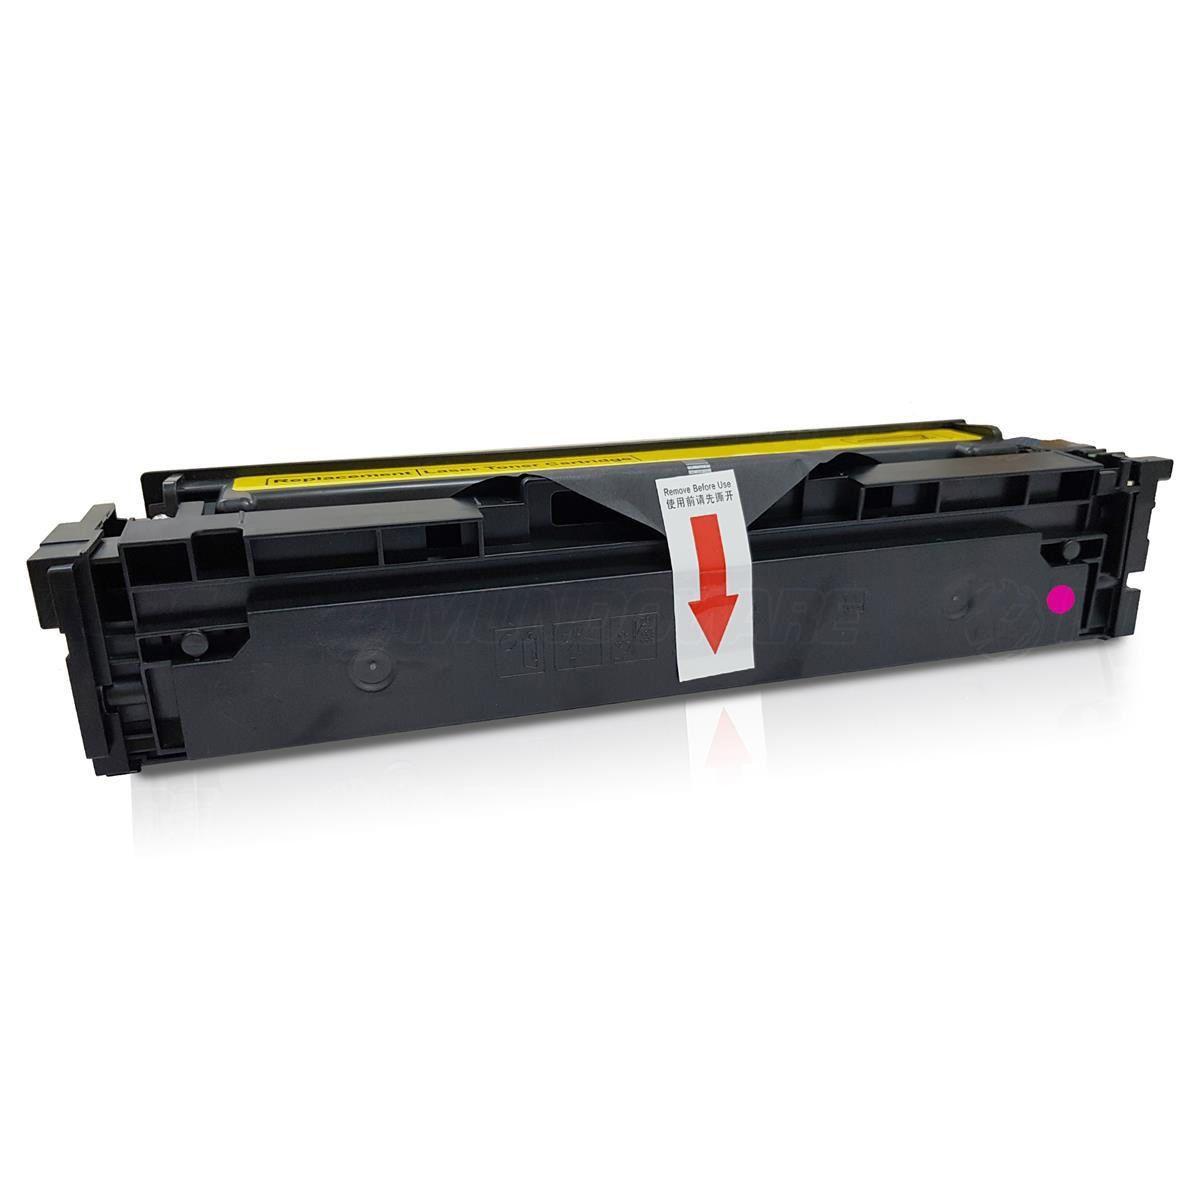 Compatível: Toner CF503A 503A 202A para impressora HP M281nw M281fdn M281fdw M254dn M254dw M254nw / Magenta / 1.300